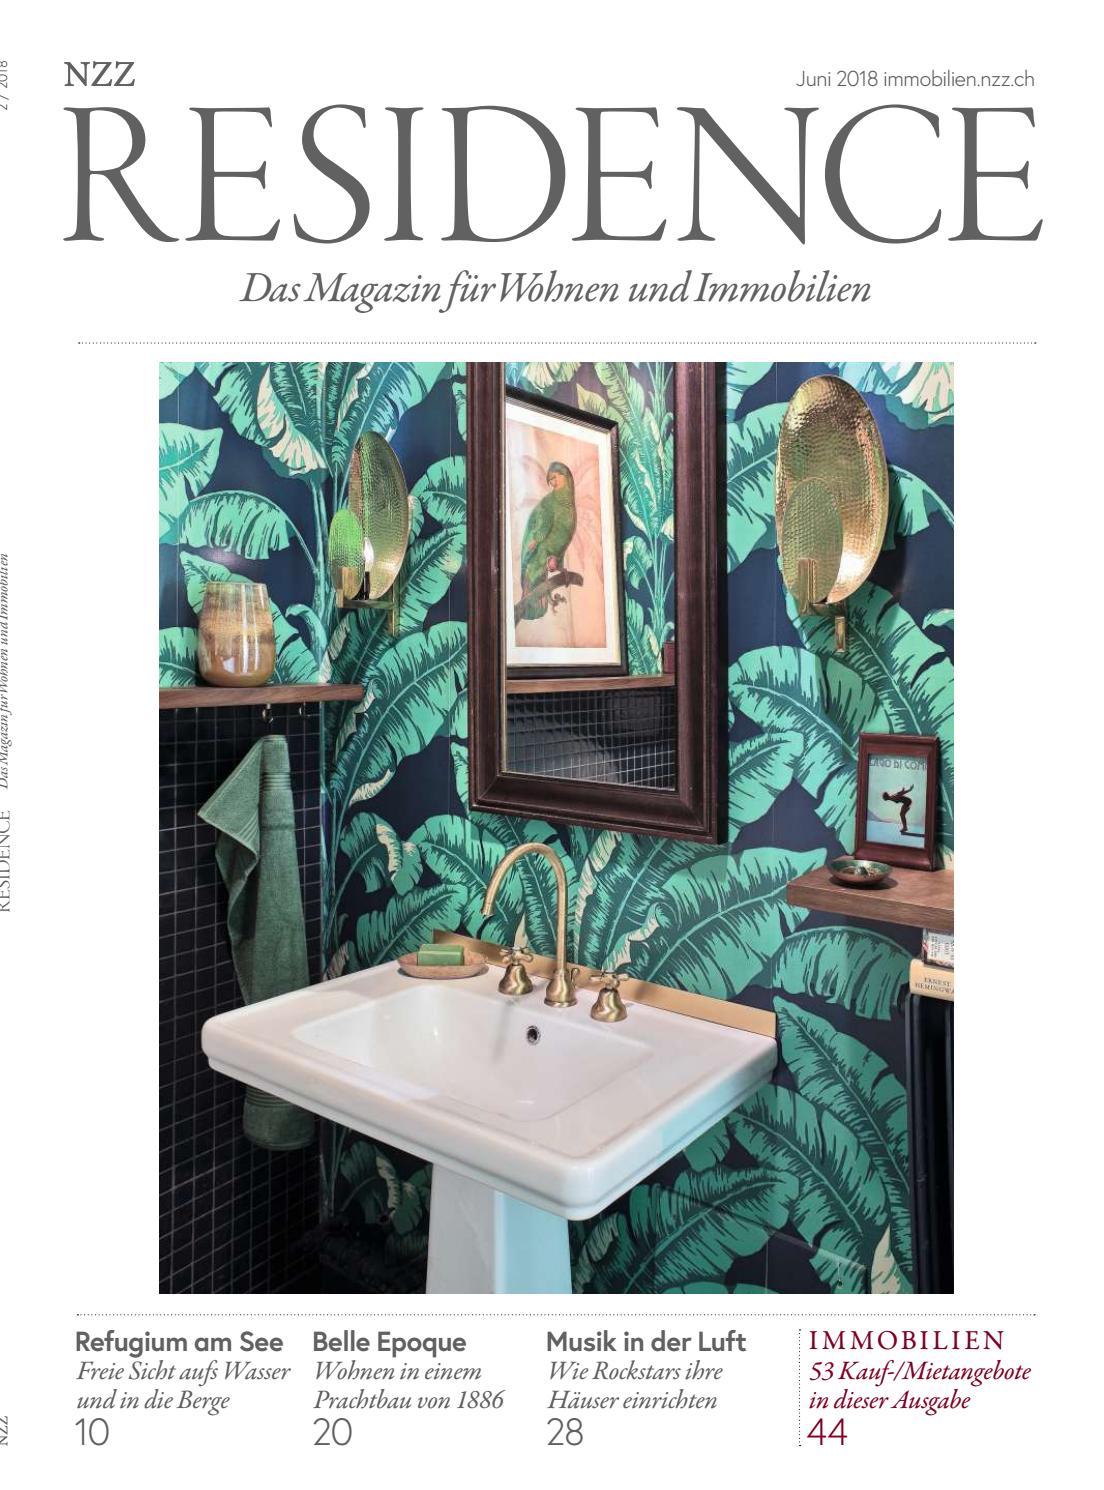 purismus wohnung mit eklektischer einrichtung, residence juni 2018 by nzz residence - issuu, Design ideen